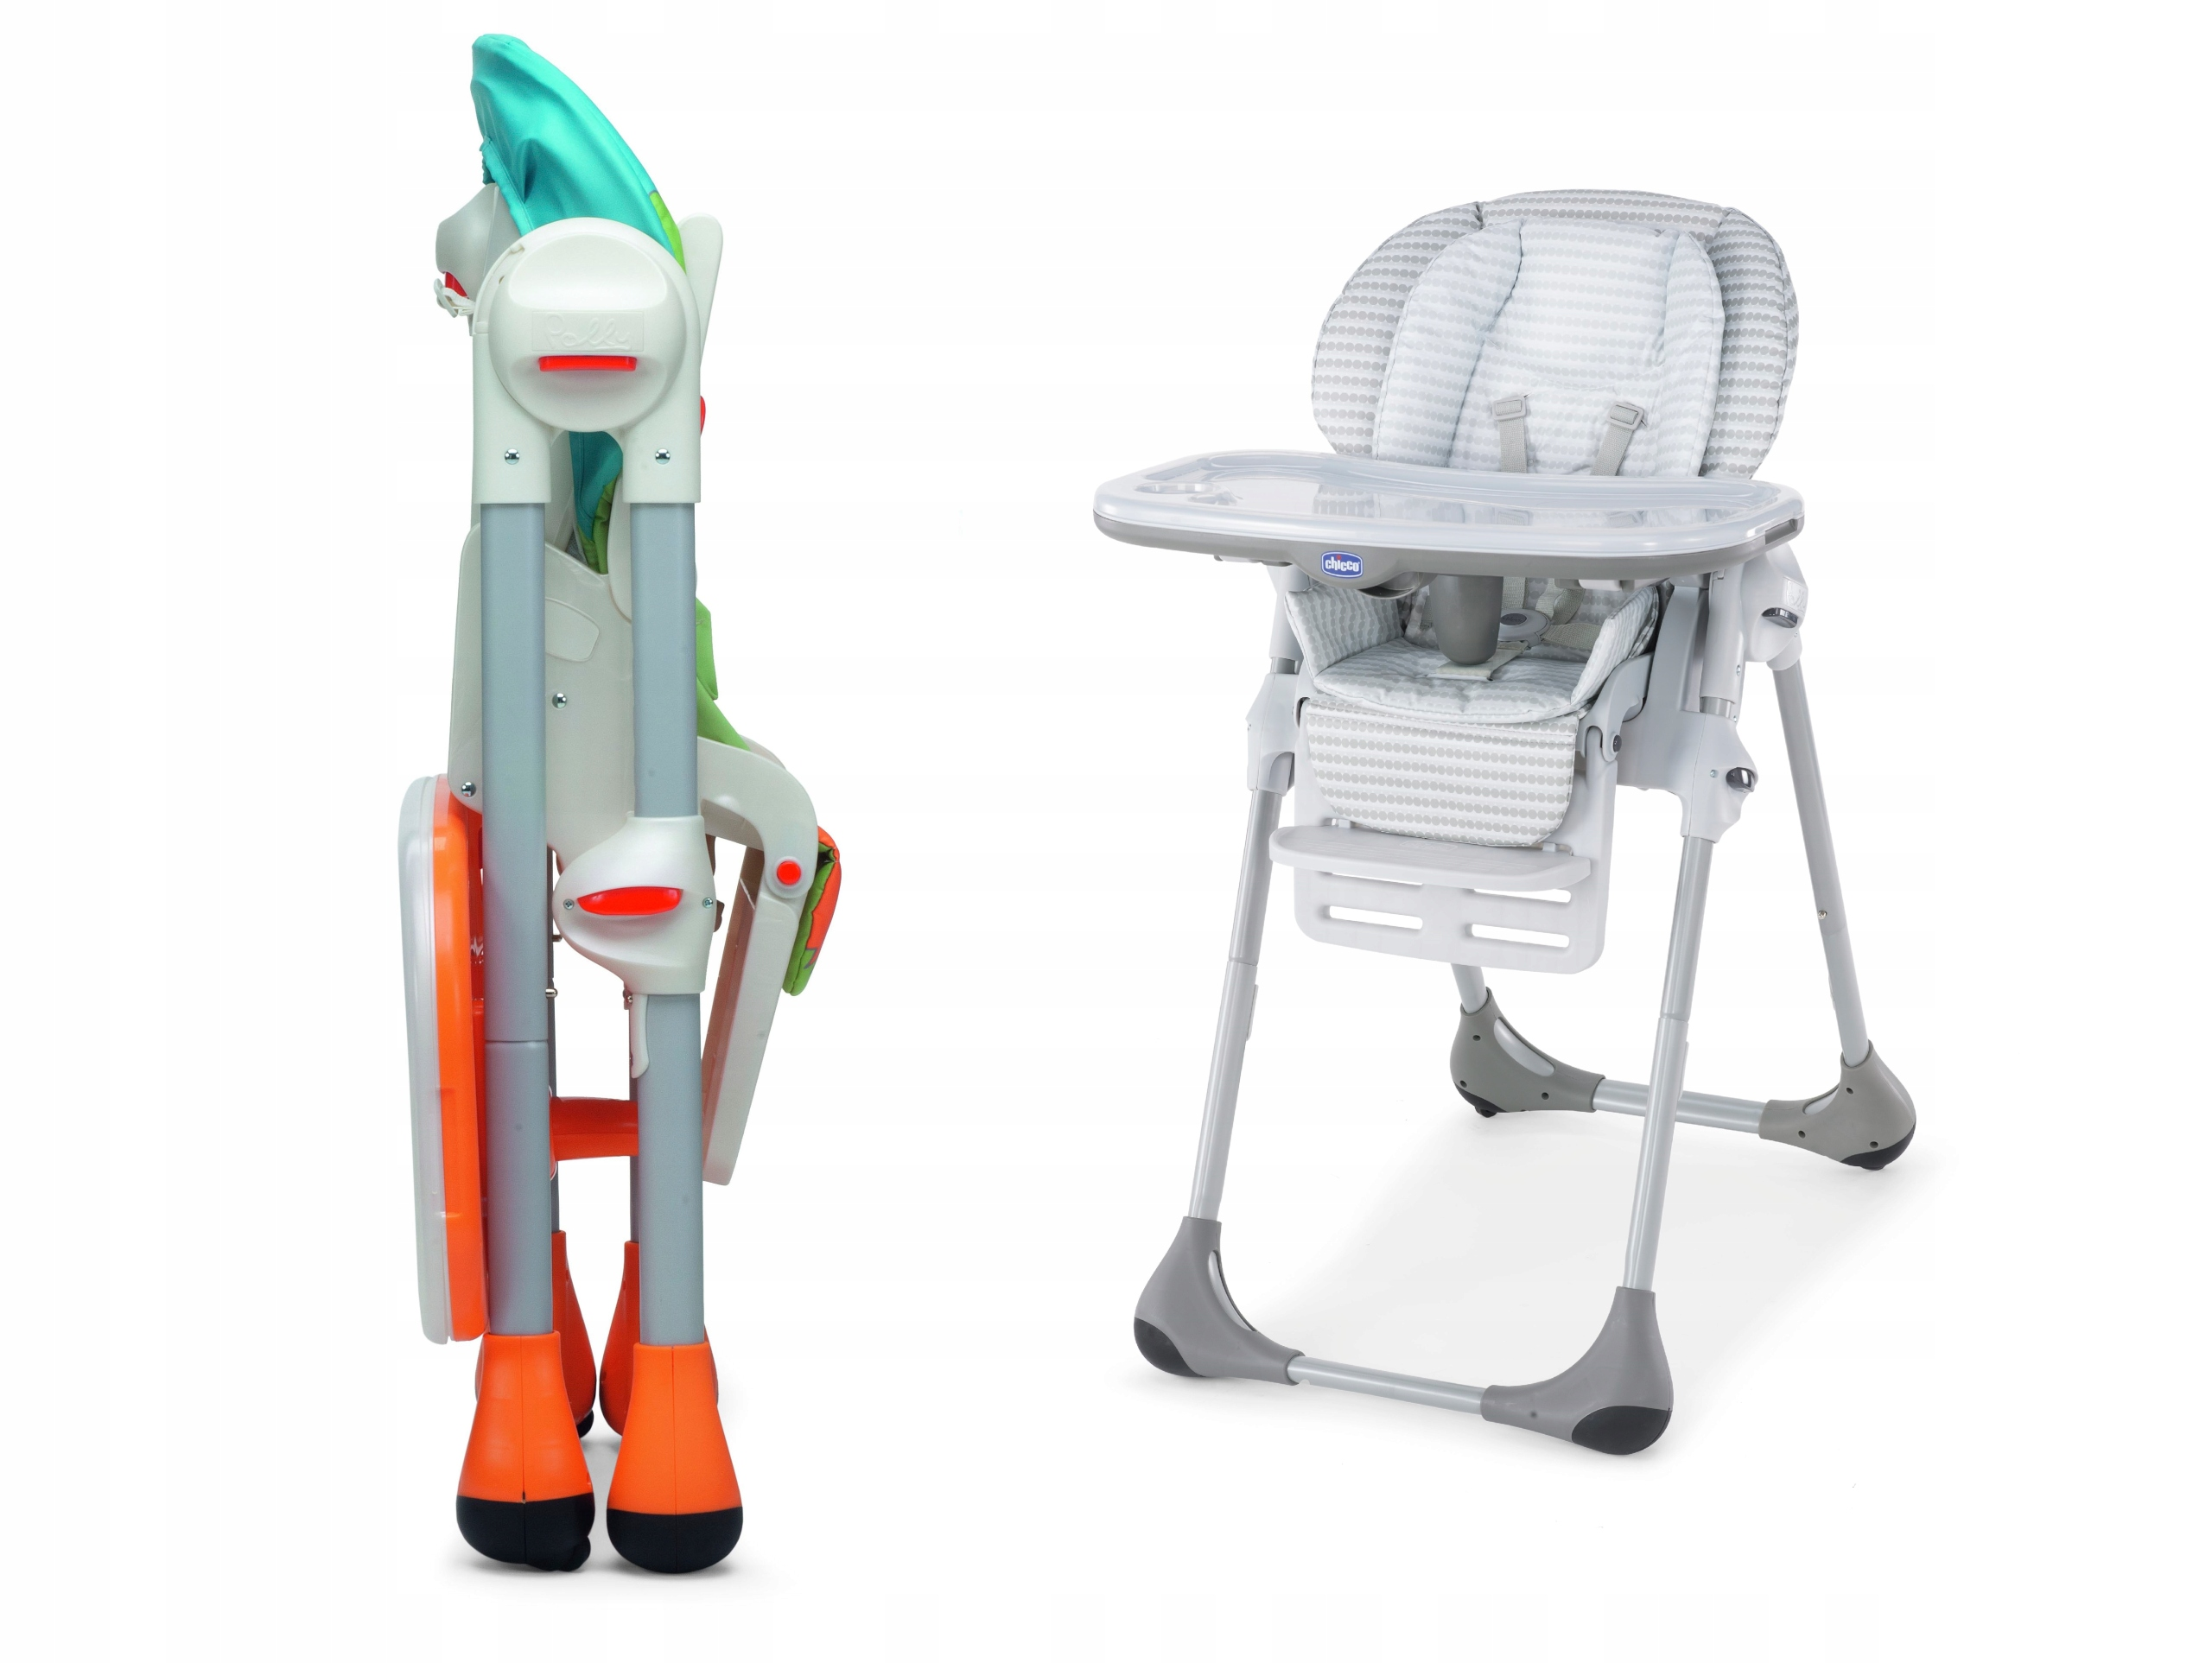 CHICCO Polly 2in1 - kŕmenie stoličky, 24h 6m +